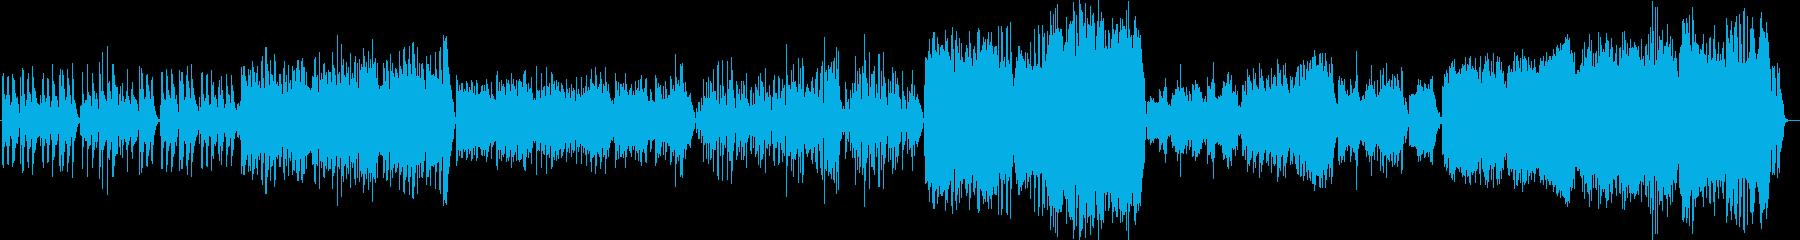 美しく感動的なピアノ演奏曲の再生済みの波形